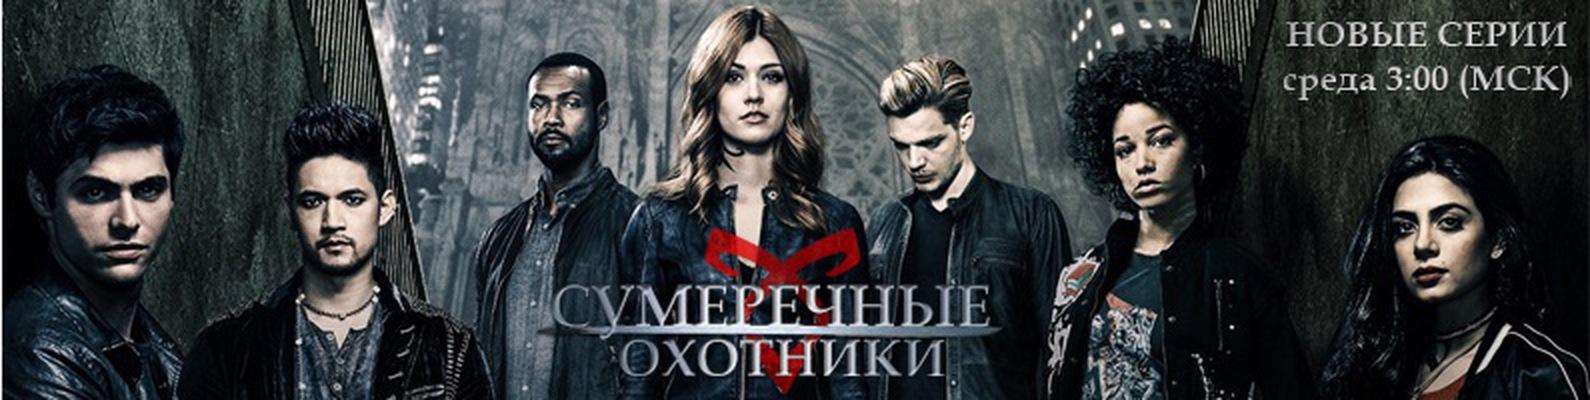 Орудия Смерти: Сумеречные Охотники | ВКонтакте